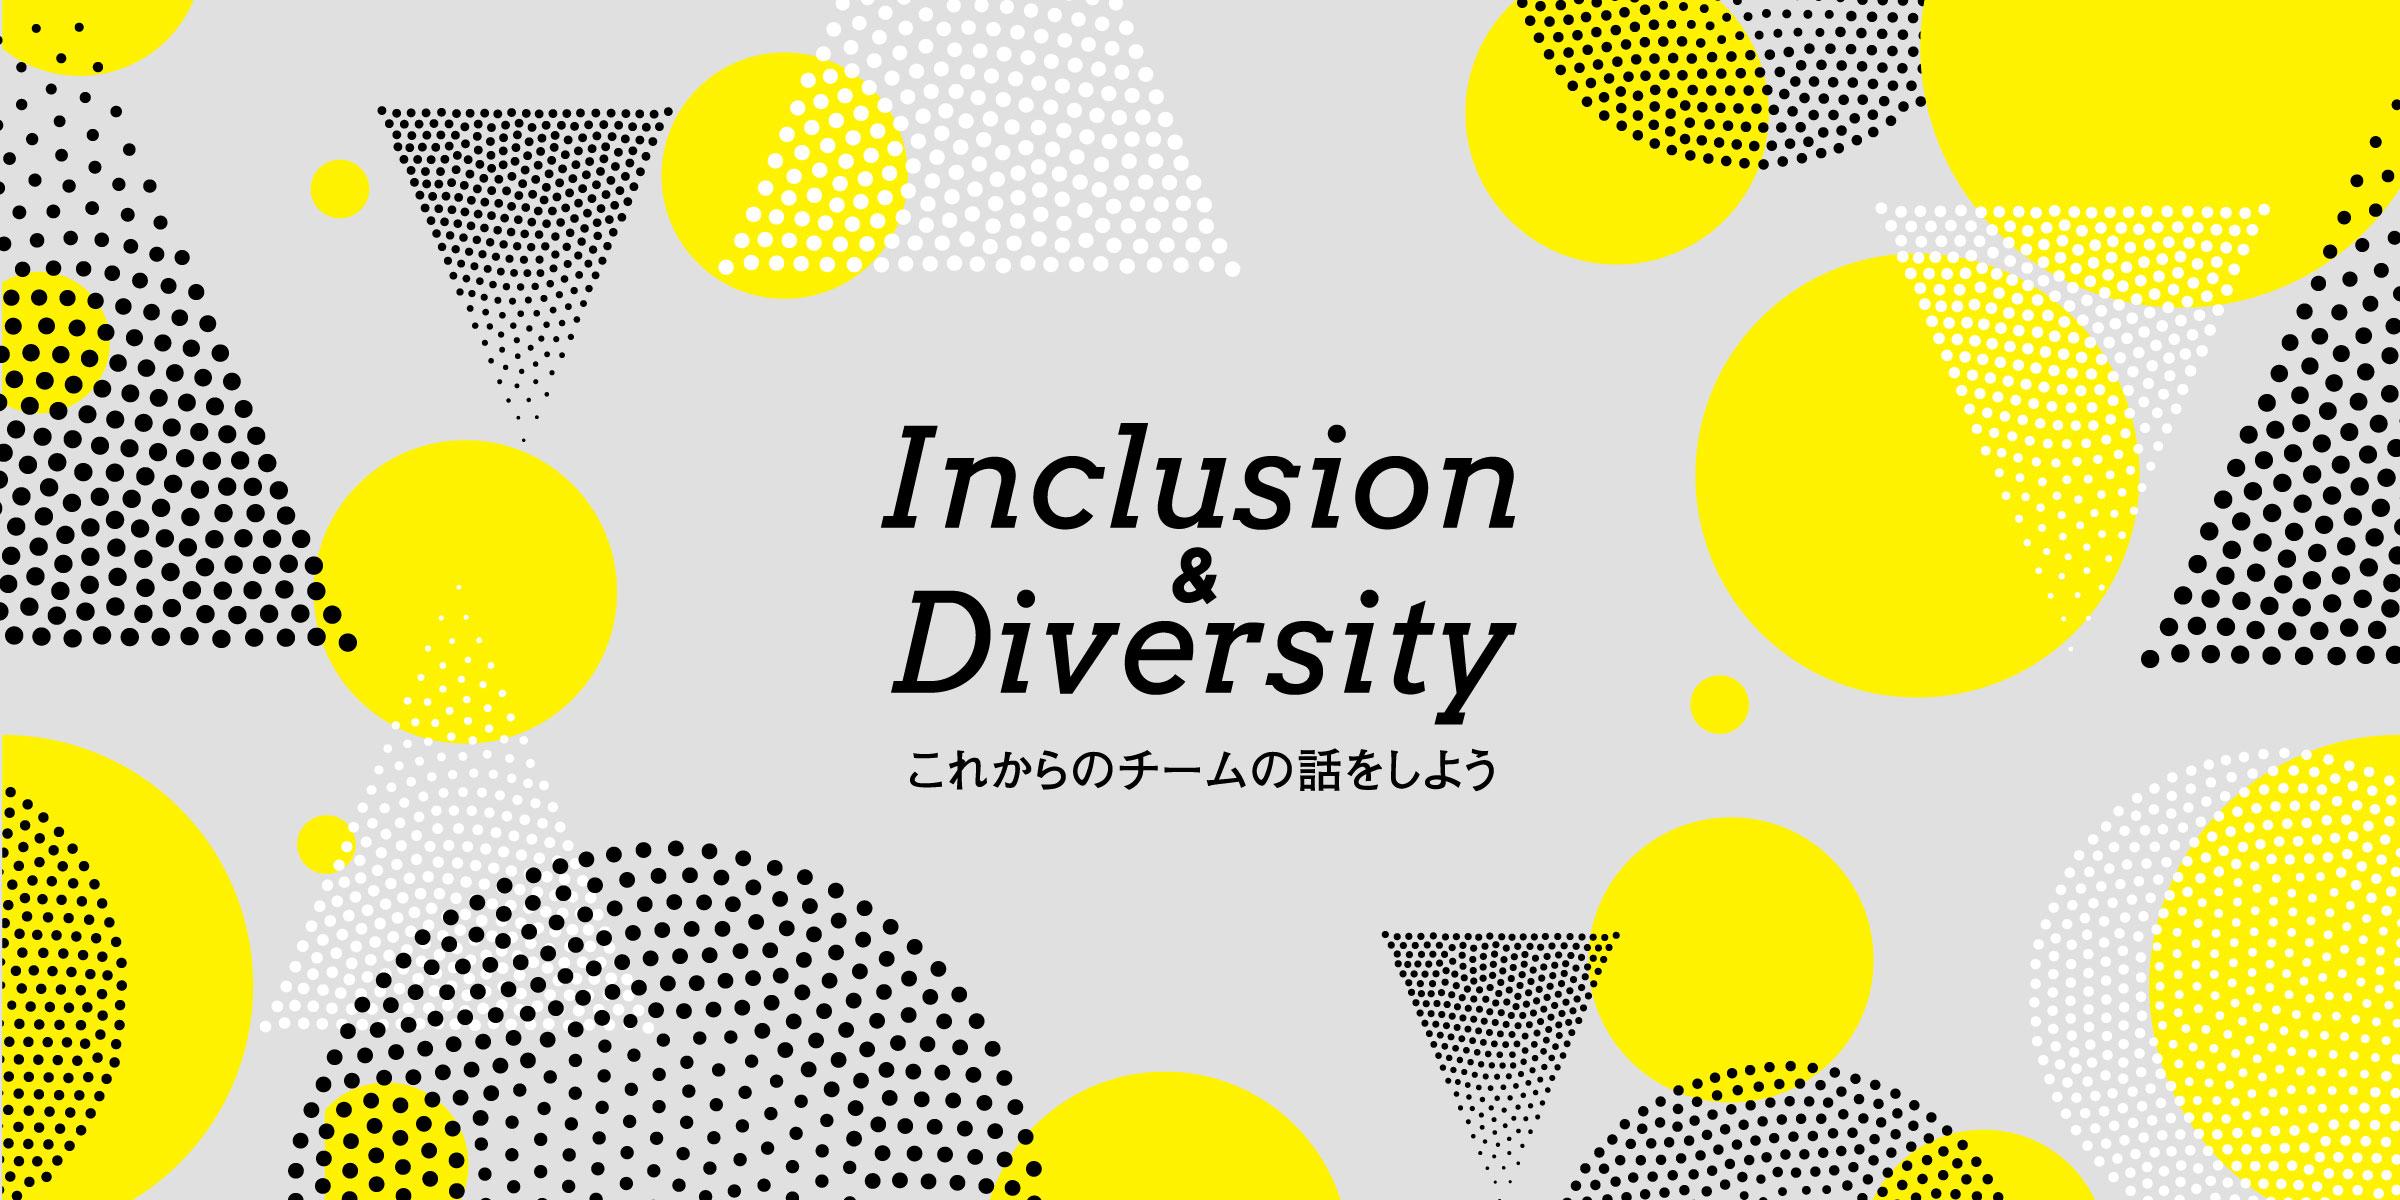 Inclusion & Diversity これからのチームの話をしよう